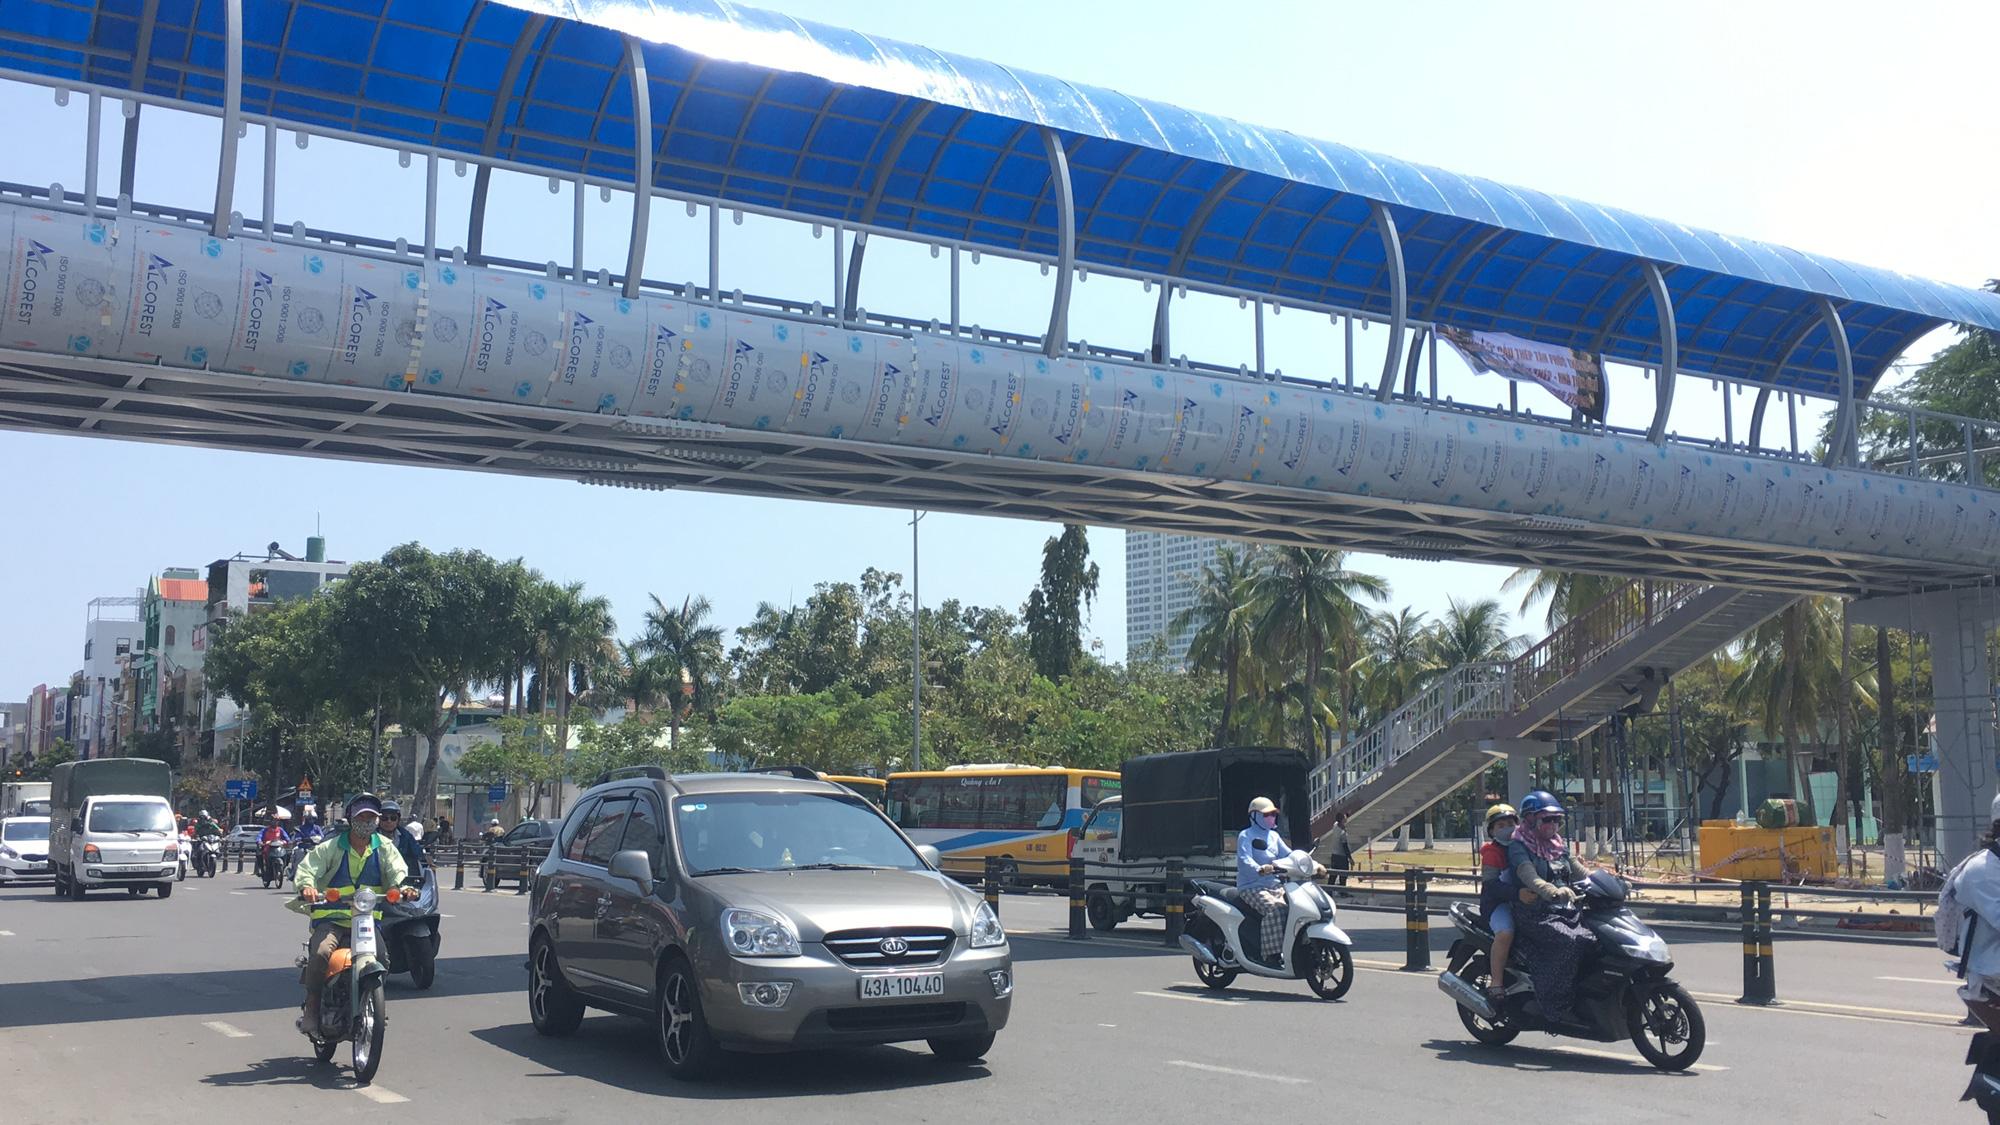 Cận cảnh cầu đi bộ tiền tỉ qua công viên 29/3 Đà Nẵng đầu tư cho người dân thụ hưởng - Ảnh 6.